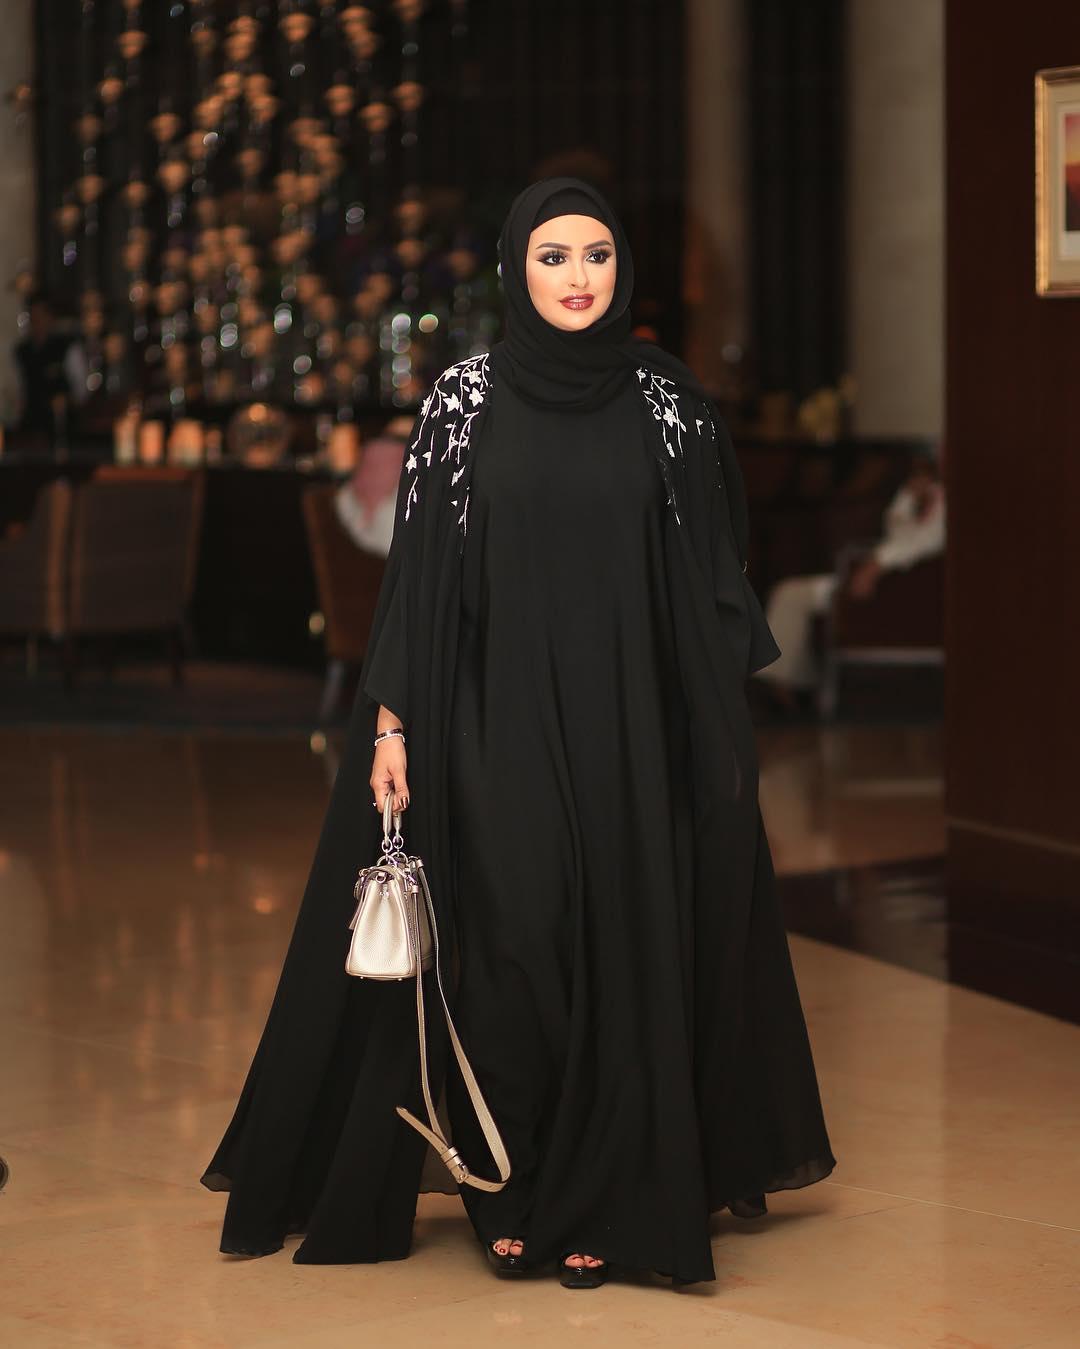 صورة احدث موديلات العبايات الخليجية 2020 , اجمل تشكيلة عبايات ليكي